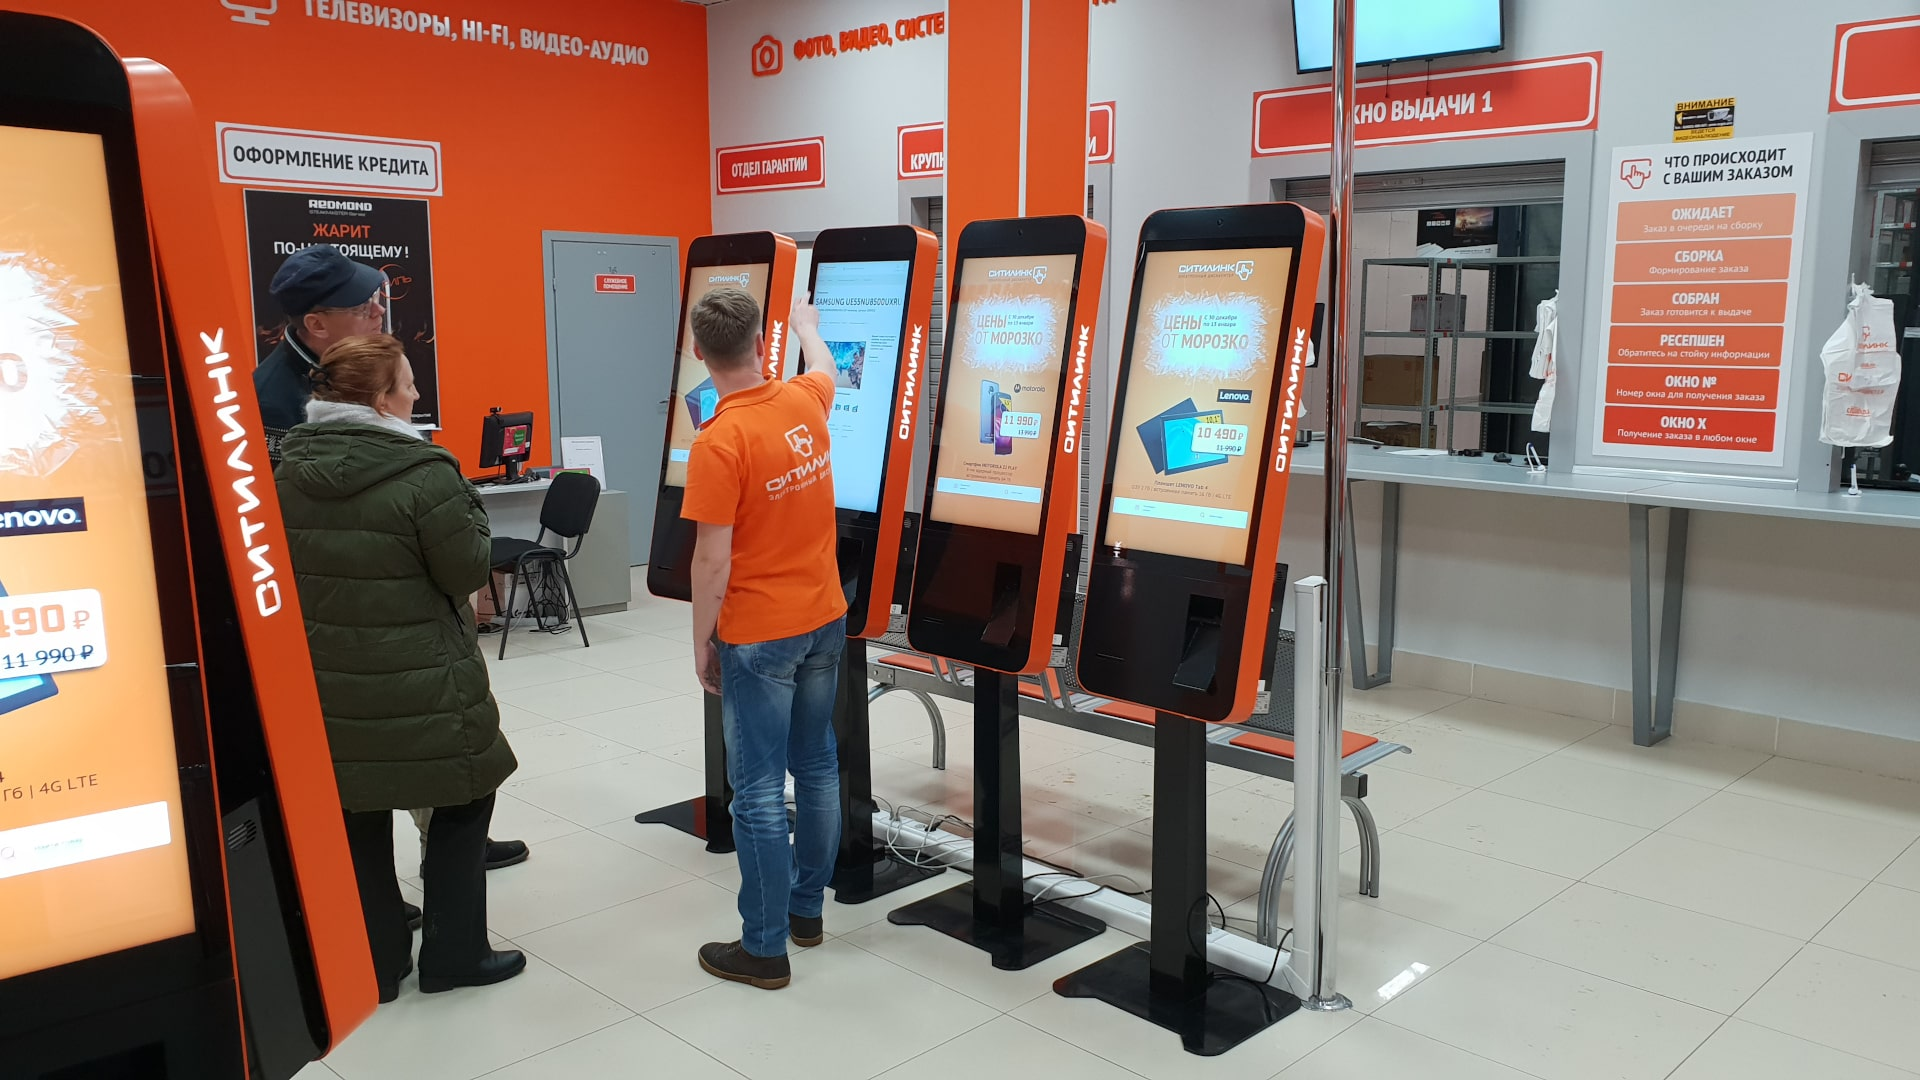 Терминалы самообслуживания для самостоятельной покупки товаров и услуг